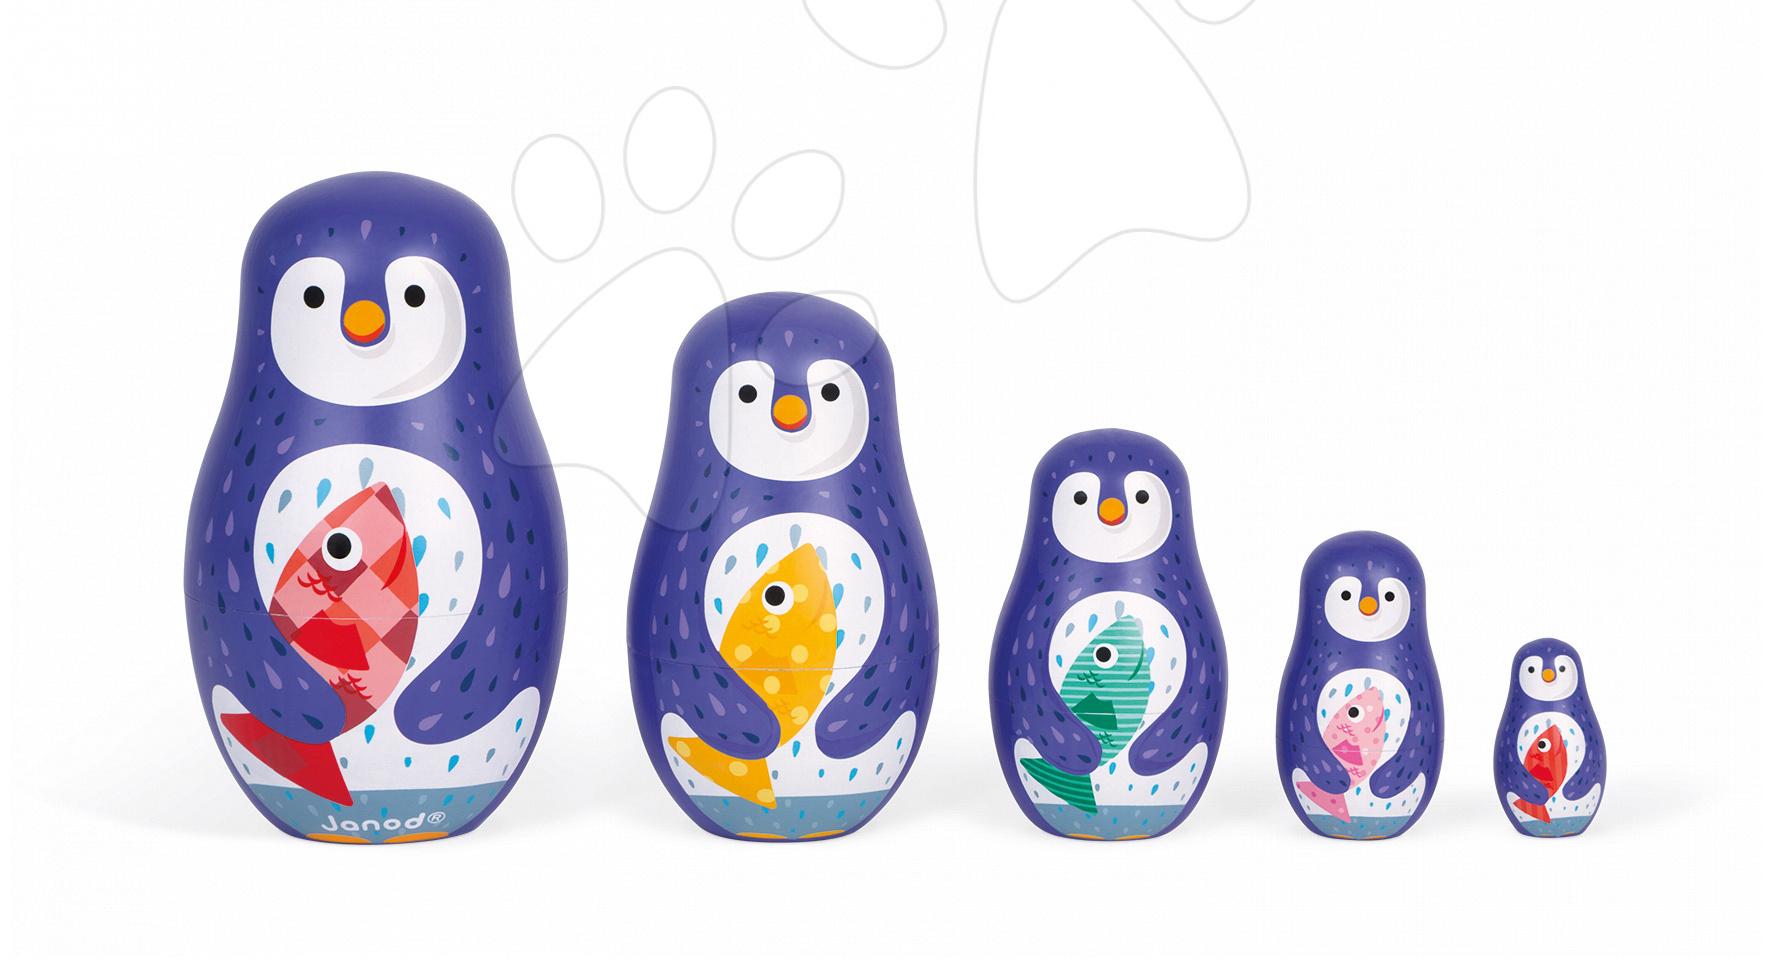 Dřevěné matrjošky Rodina tučňáků Zigolos Janod od 3 let